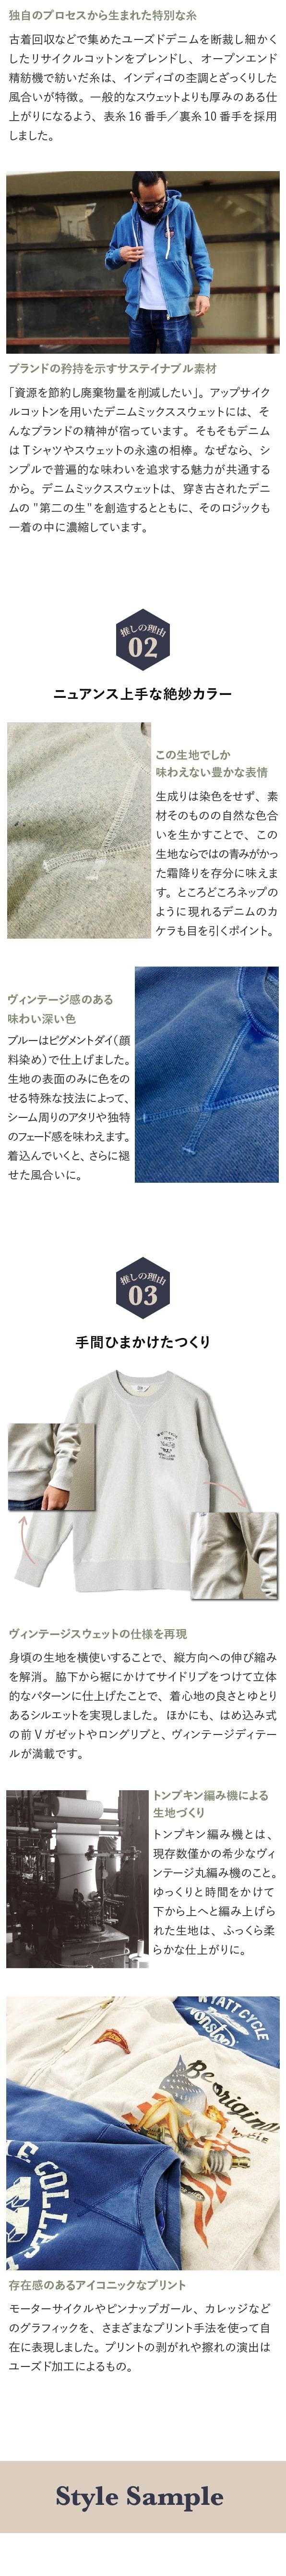 1220_039デニムミックス03-min